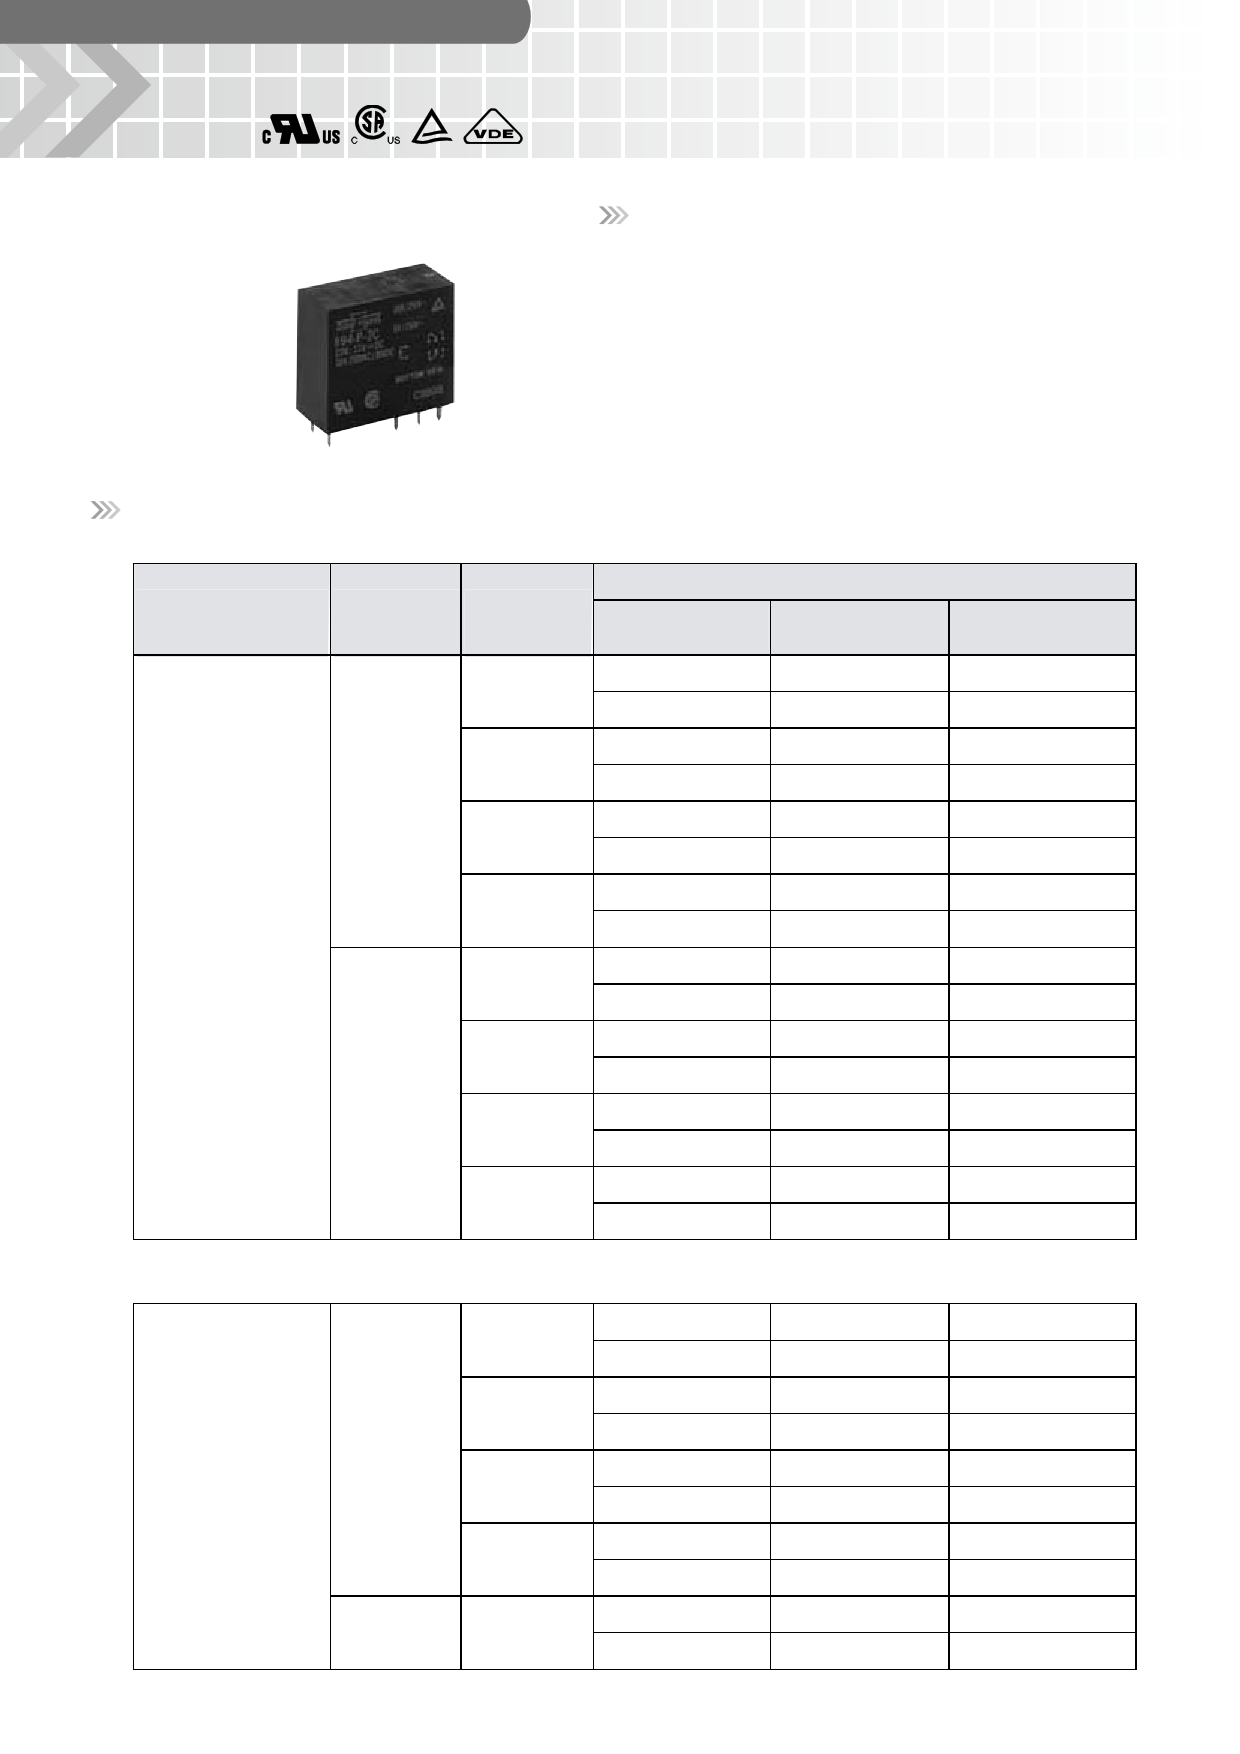 894-2ACA1-F-V Datasheet, 894-2ACA1-F-V PDF,ピン配置, 機能